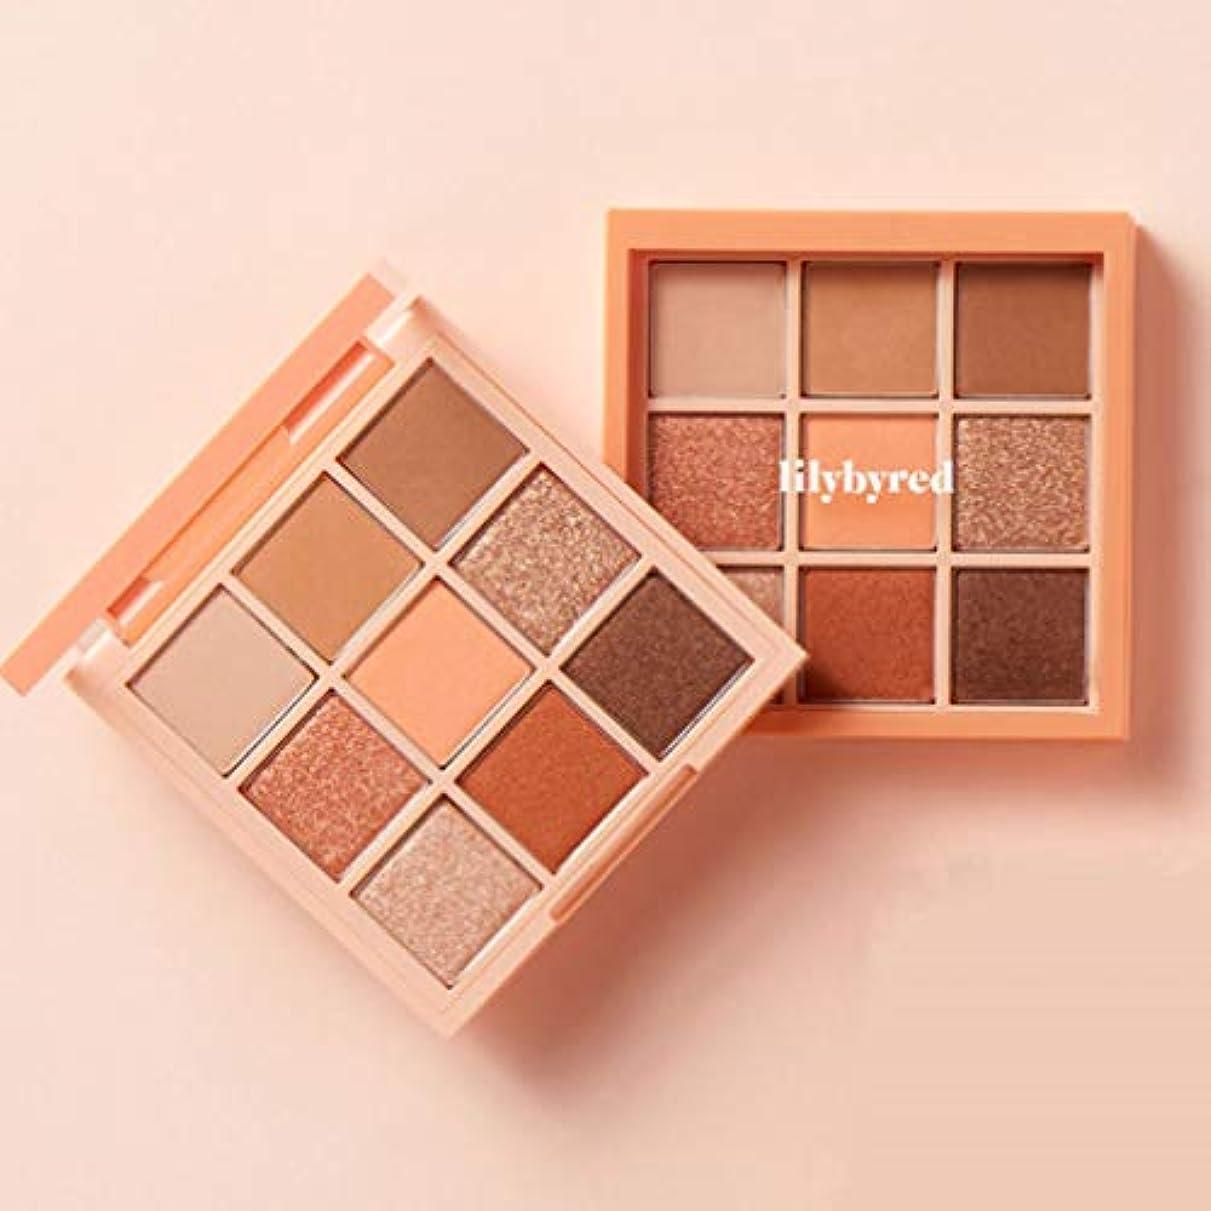 典型的な仲介者偽造LILYBYRED Mood Cheat Kit Eyeshadow Palette #Peach Energy 告発色、高密着、告知の中独歩的な高クオリティアイシャドウパレット9color(並行輸入品)